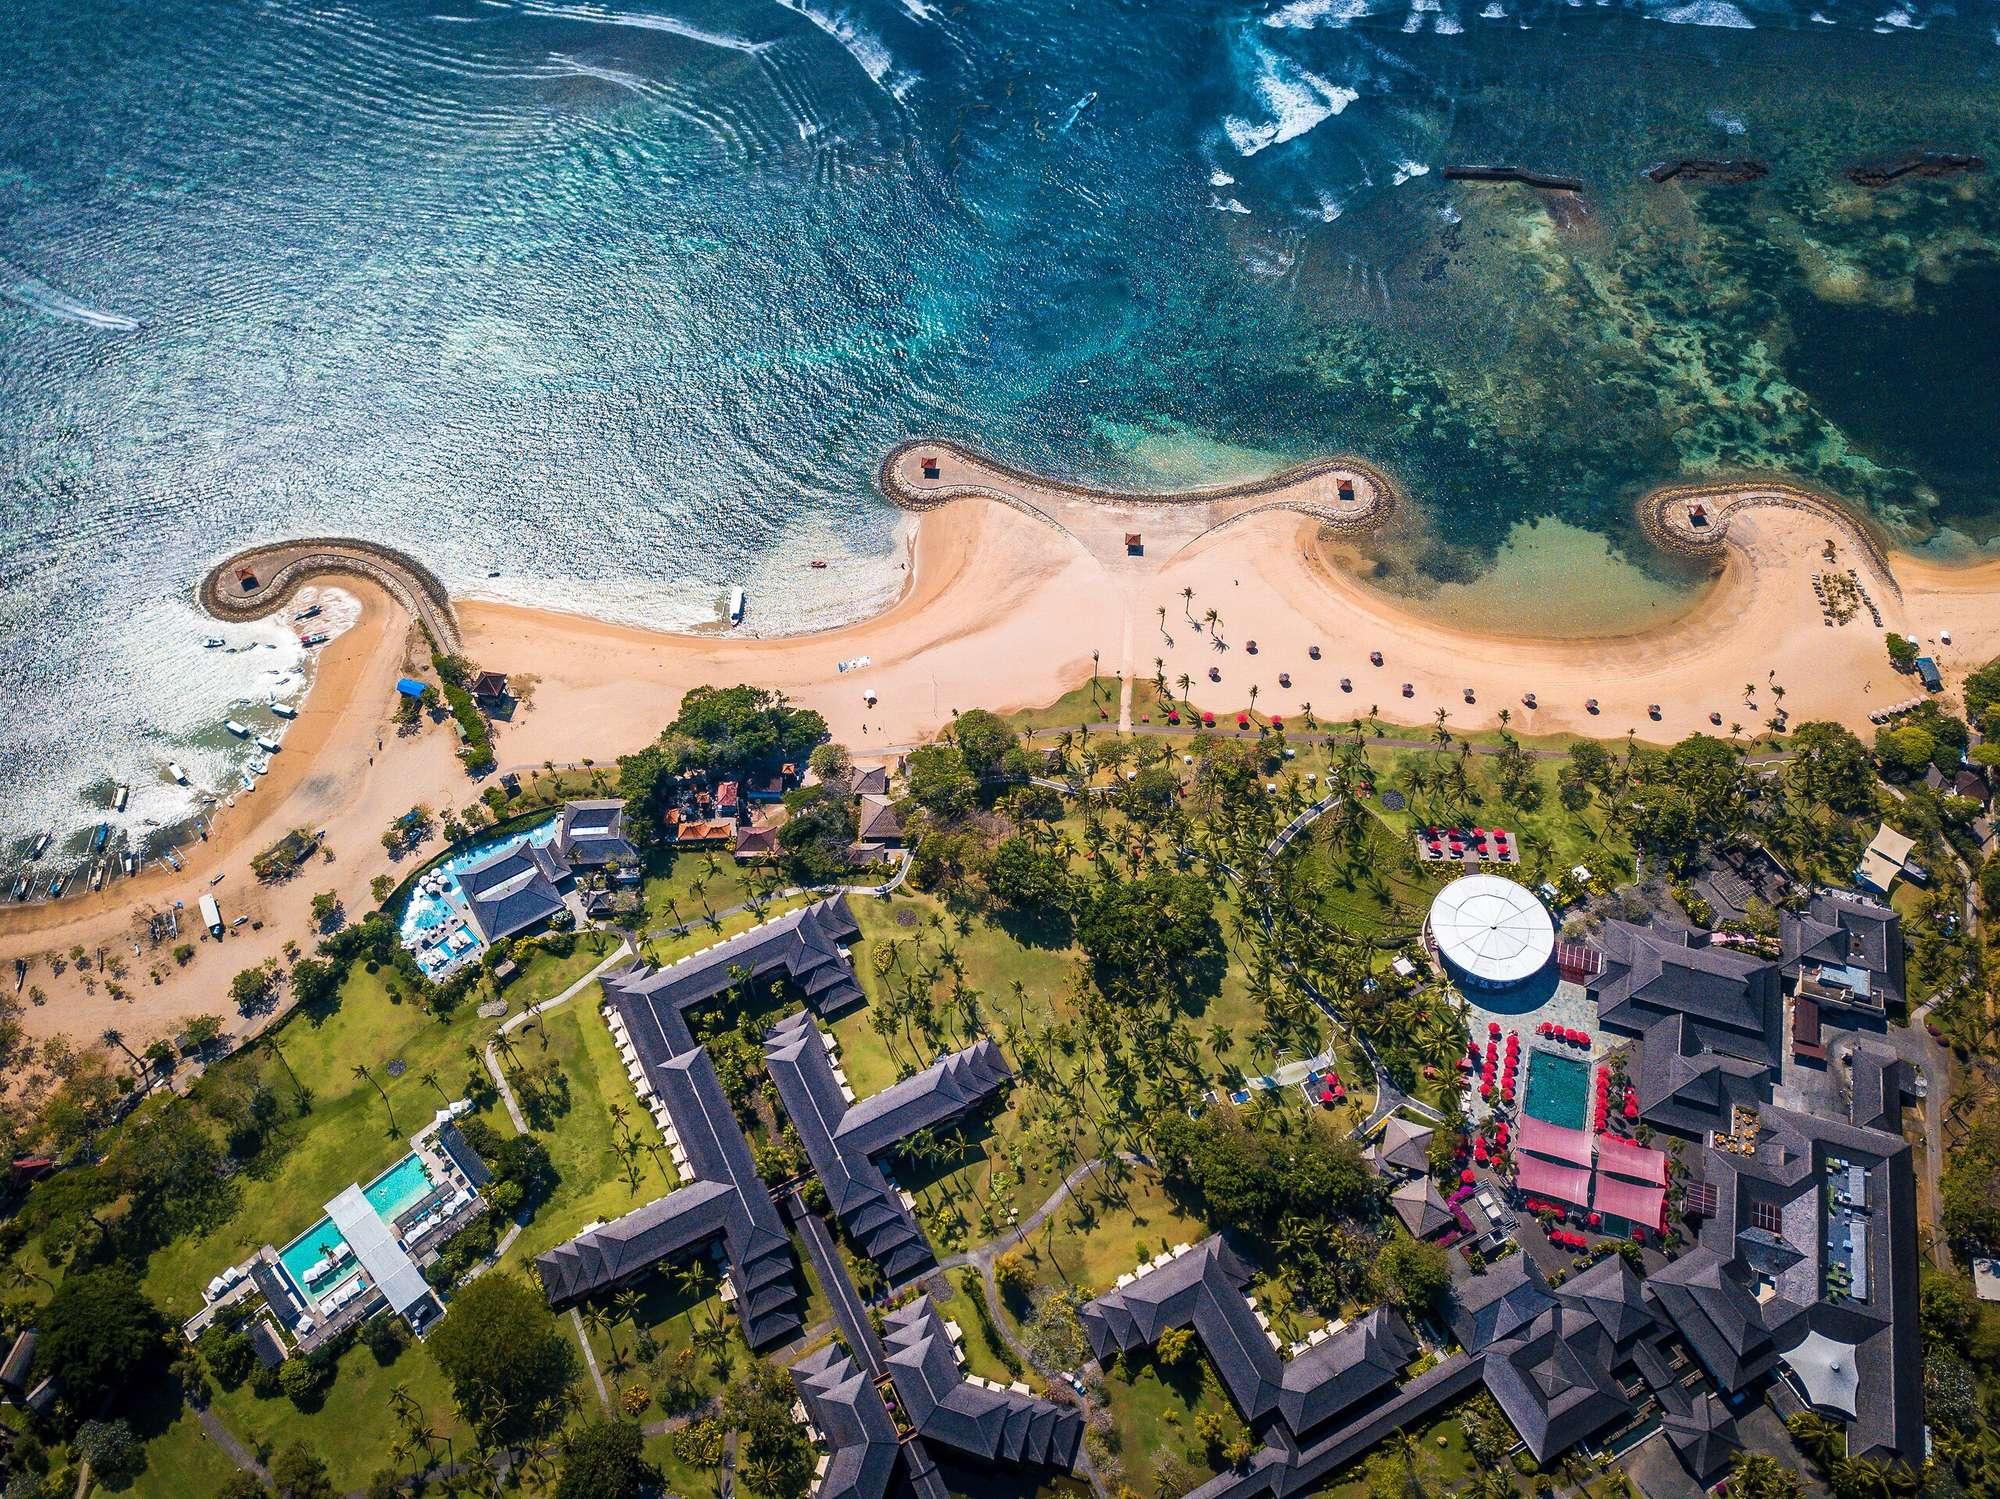 Тысячи вулканических островов с тропическими пляжами, тигры, орангутанги и другие экзотические животные